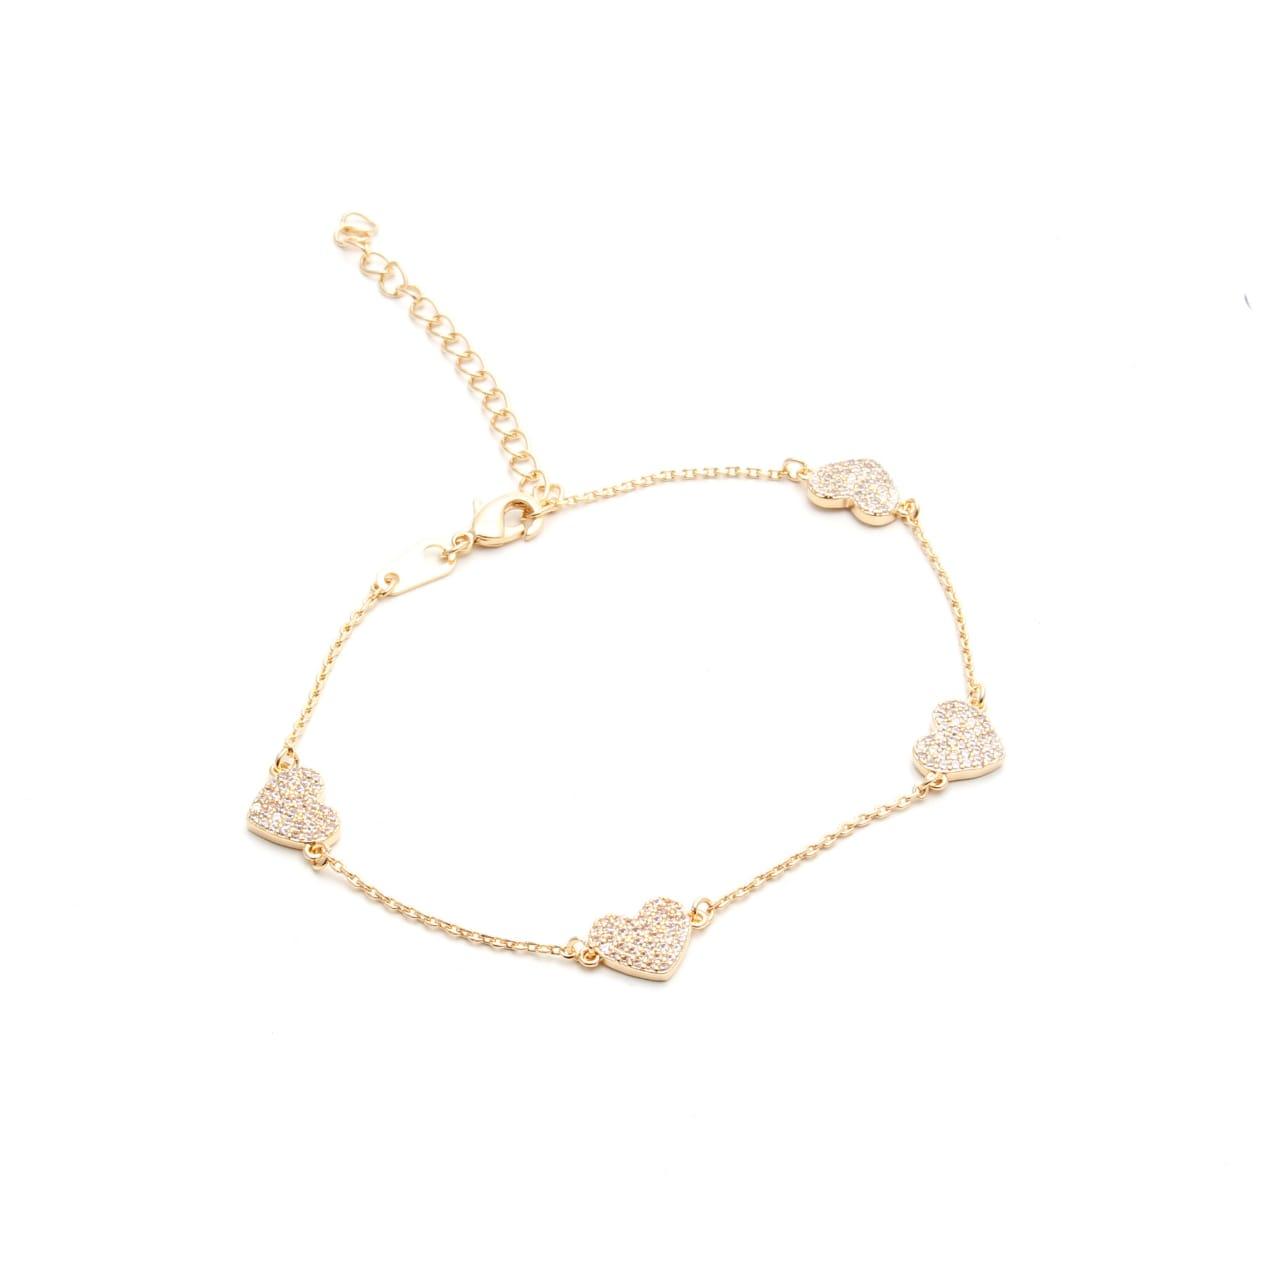 Pulseira Corações Zirconia Branca Banho de Ouro 18K - 21 cm